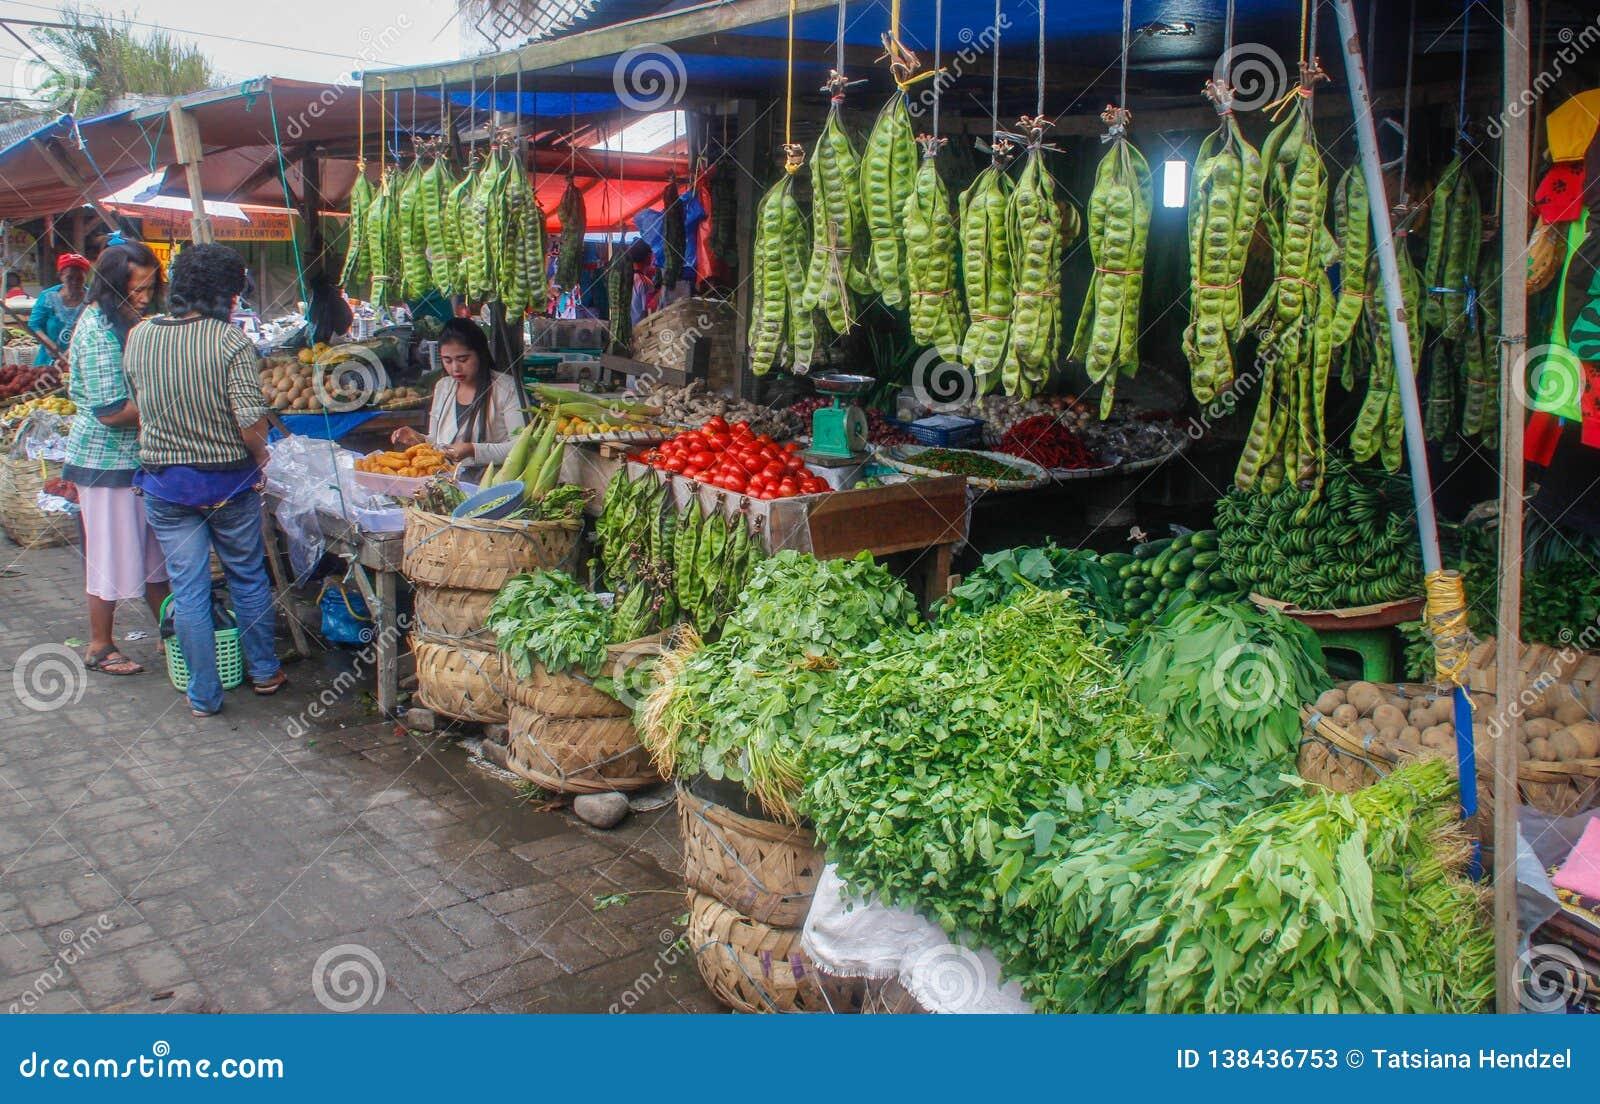 Los manojos enormes de habas verdes del gigat cuelgan en el contador en el mercado callejero indonesio